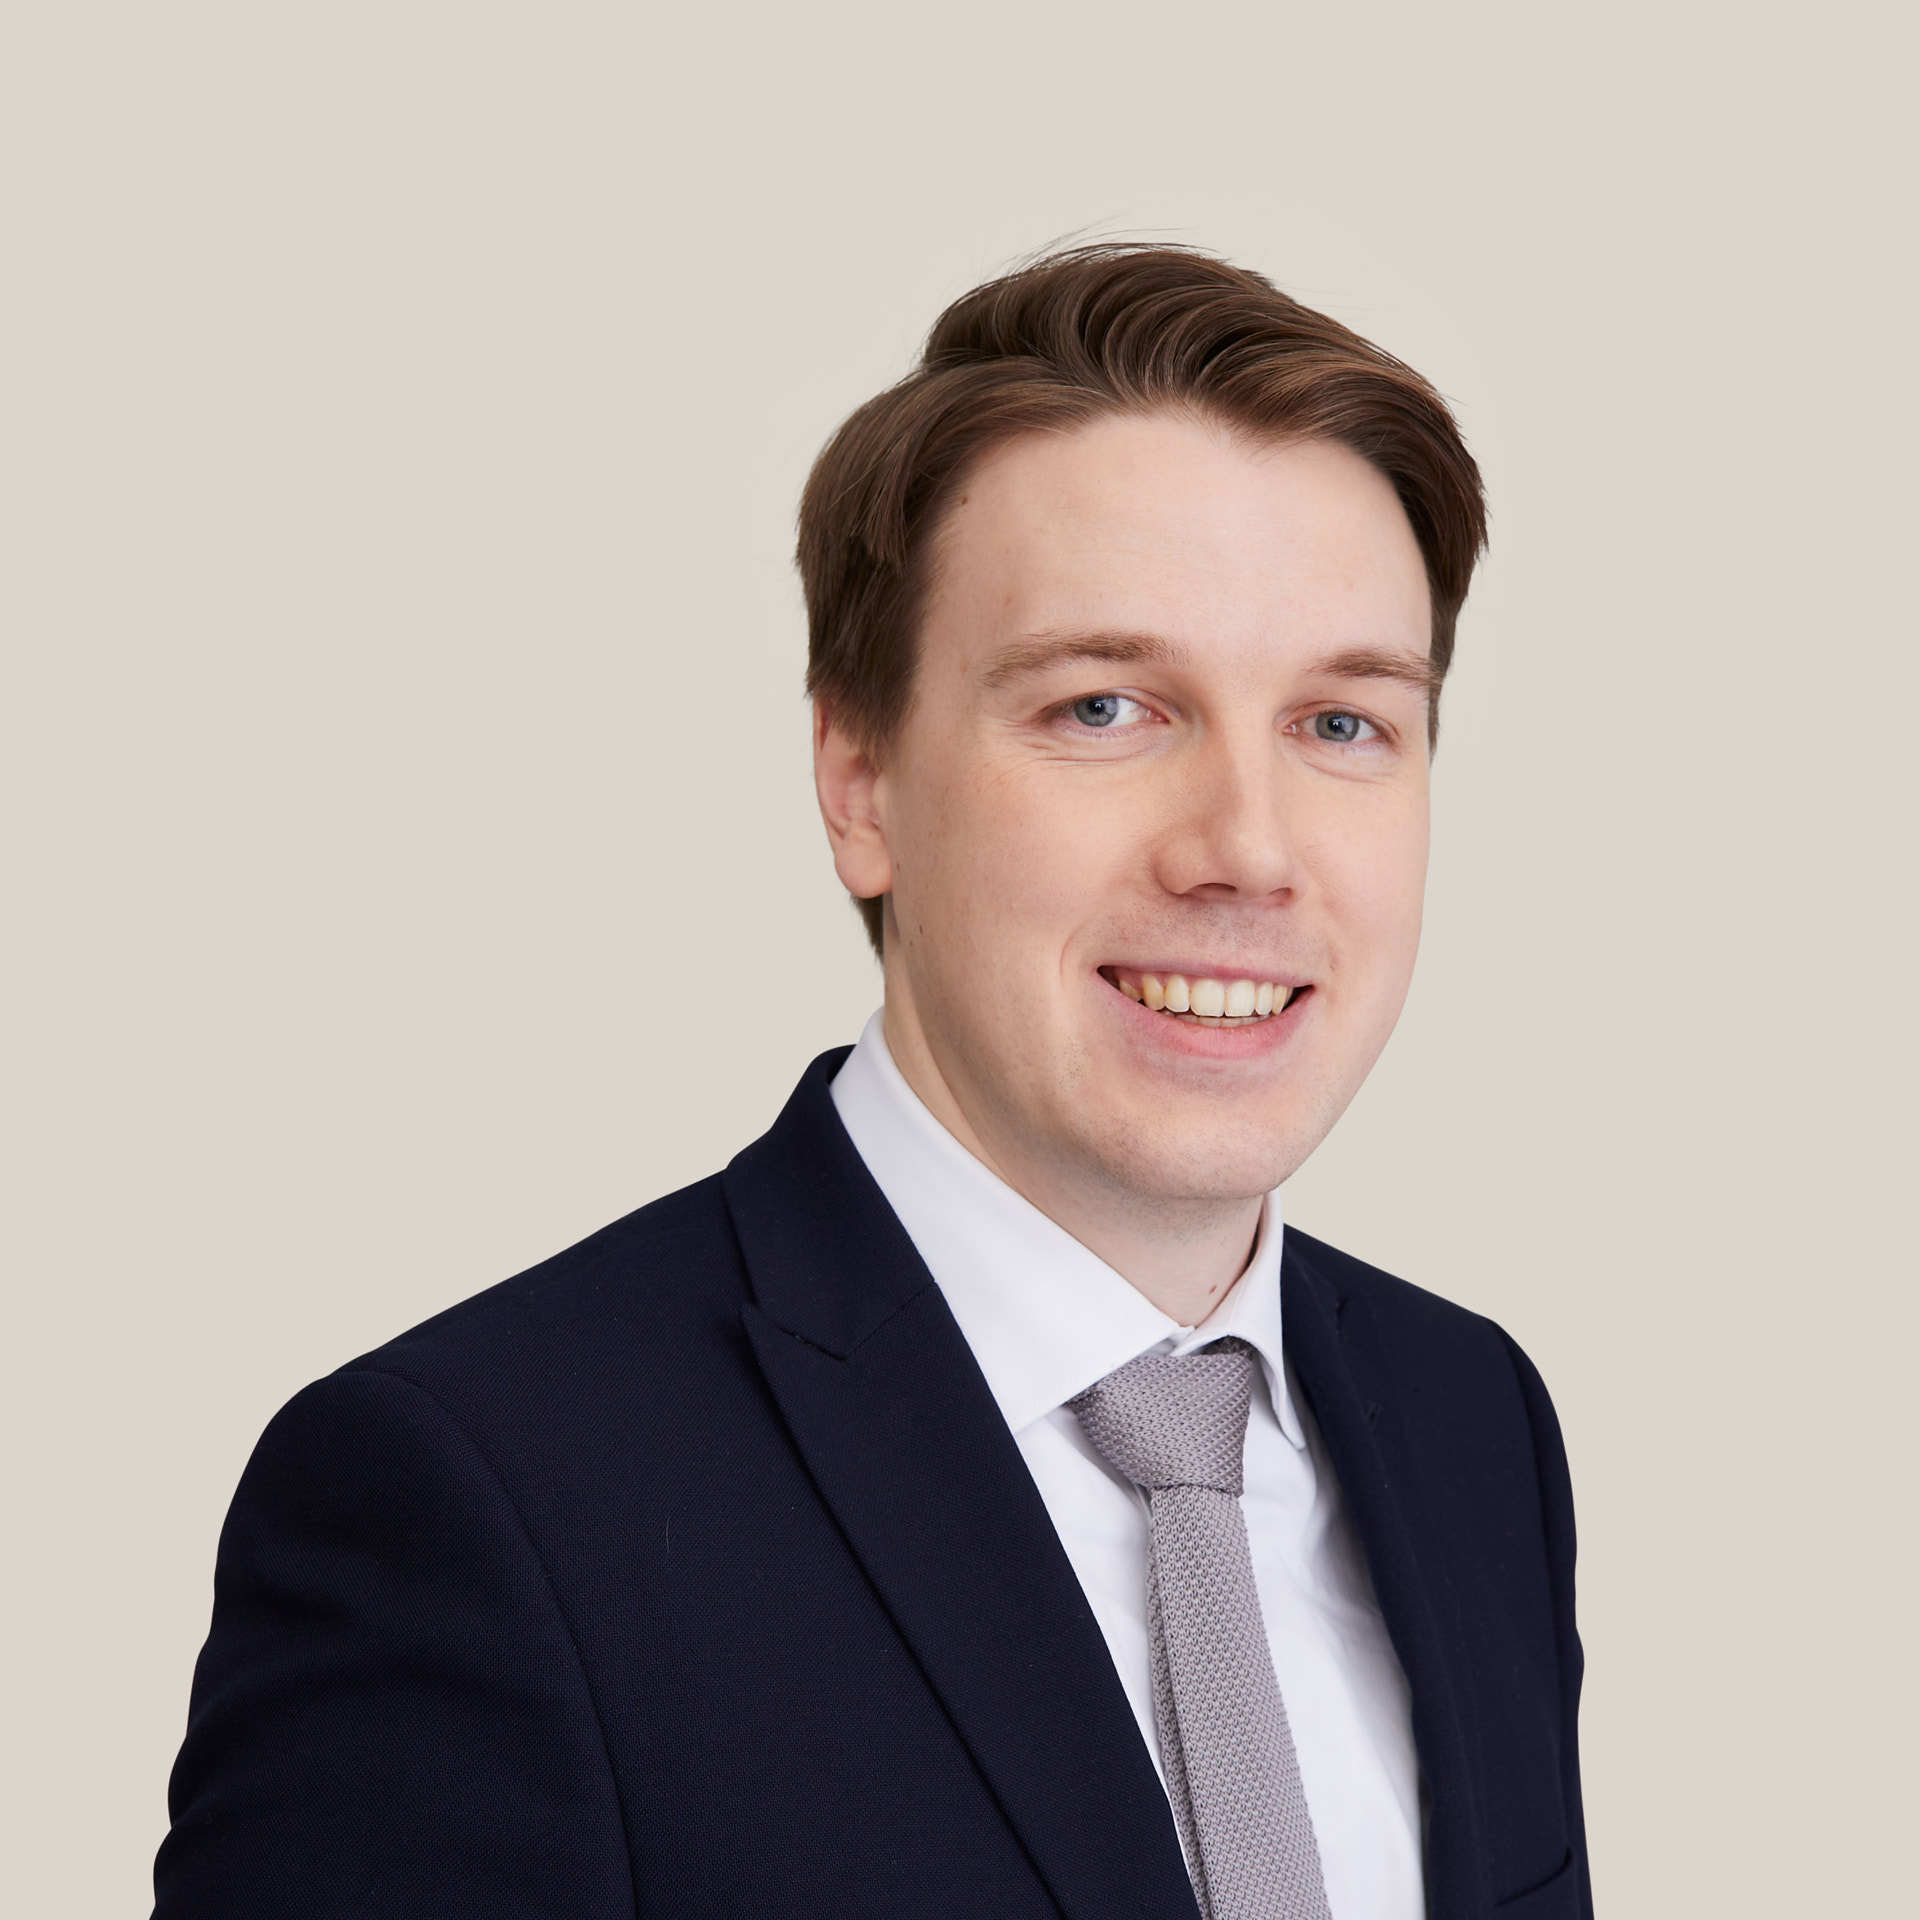 Johan denbreems